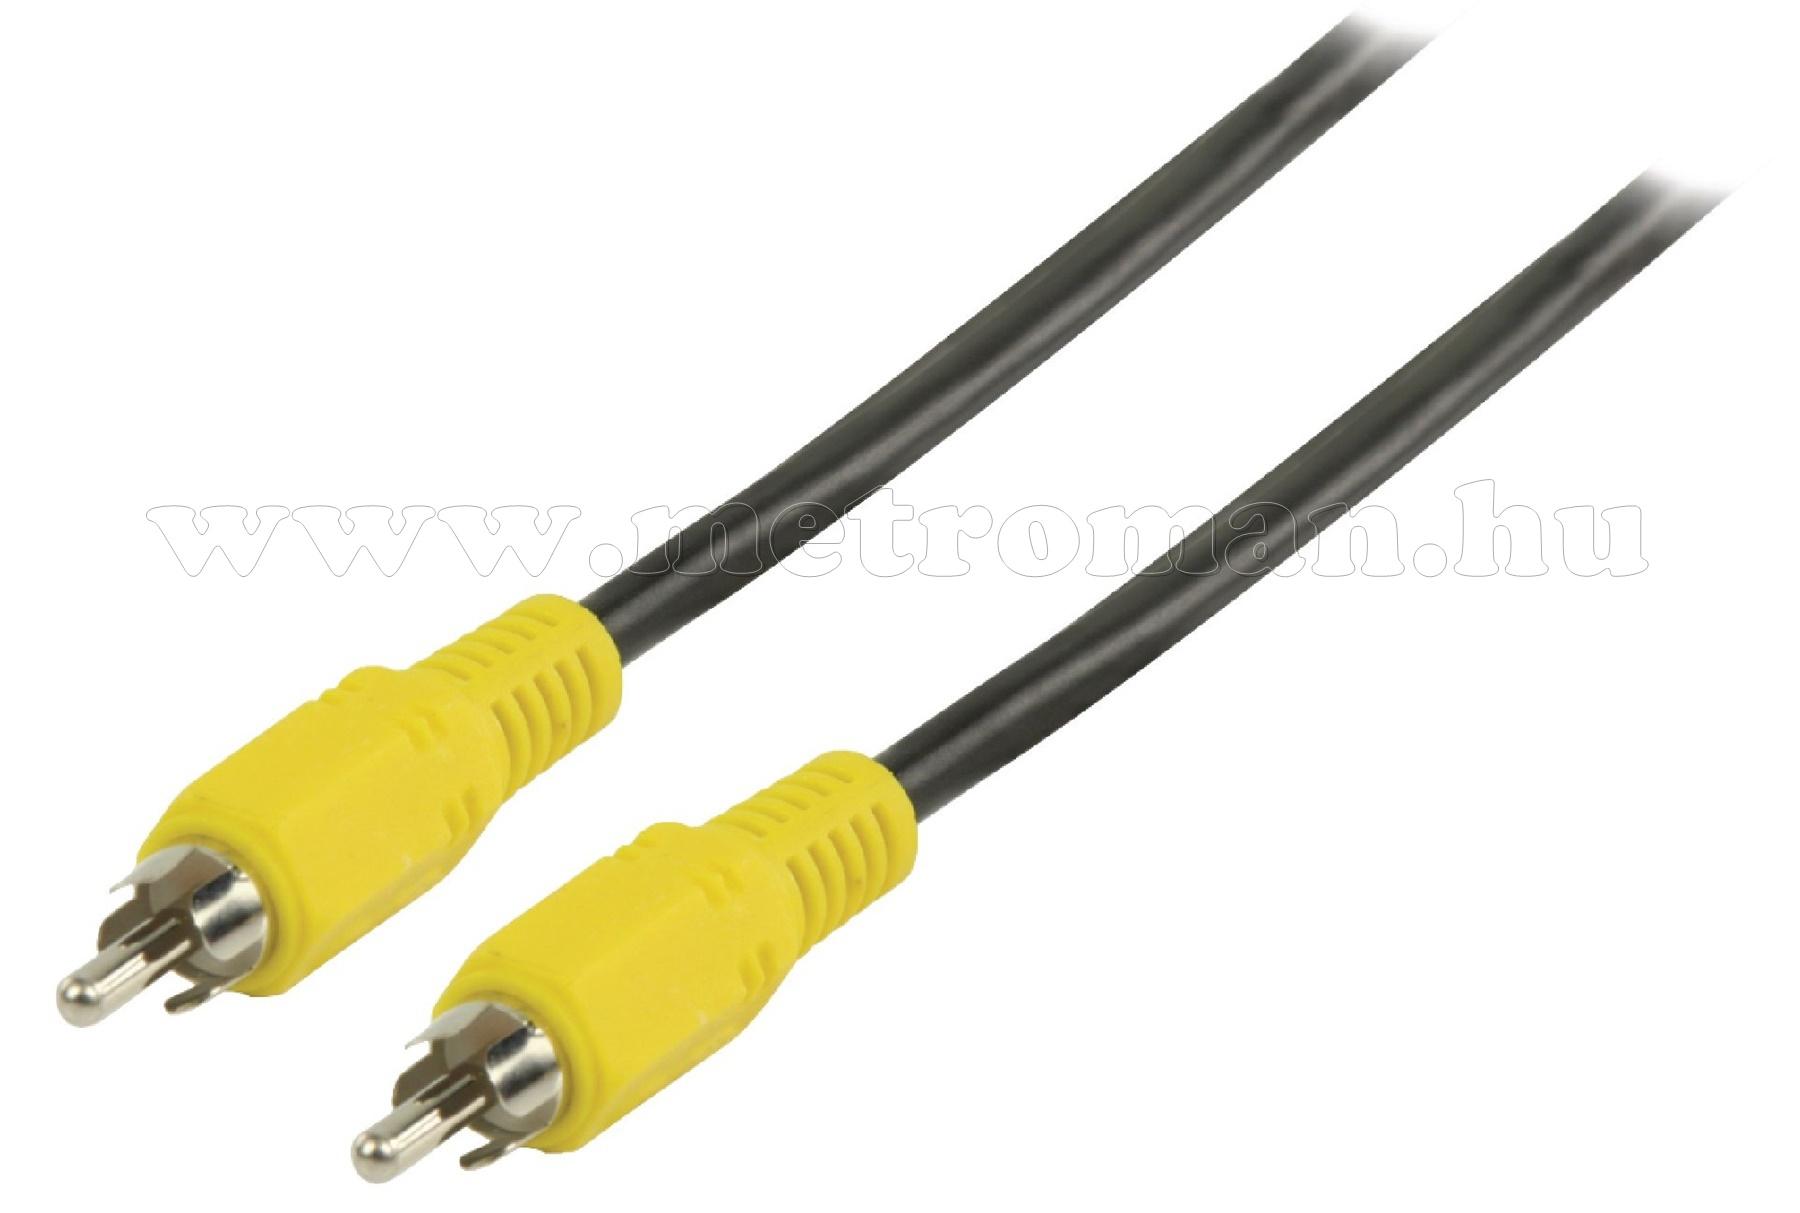 Videó kábel RCA-RCA 5 méter VLVP24100B50